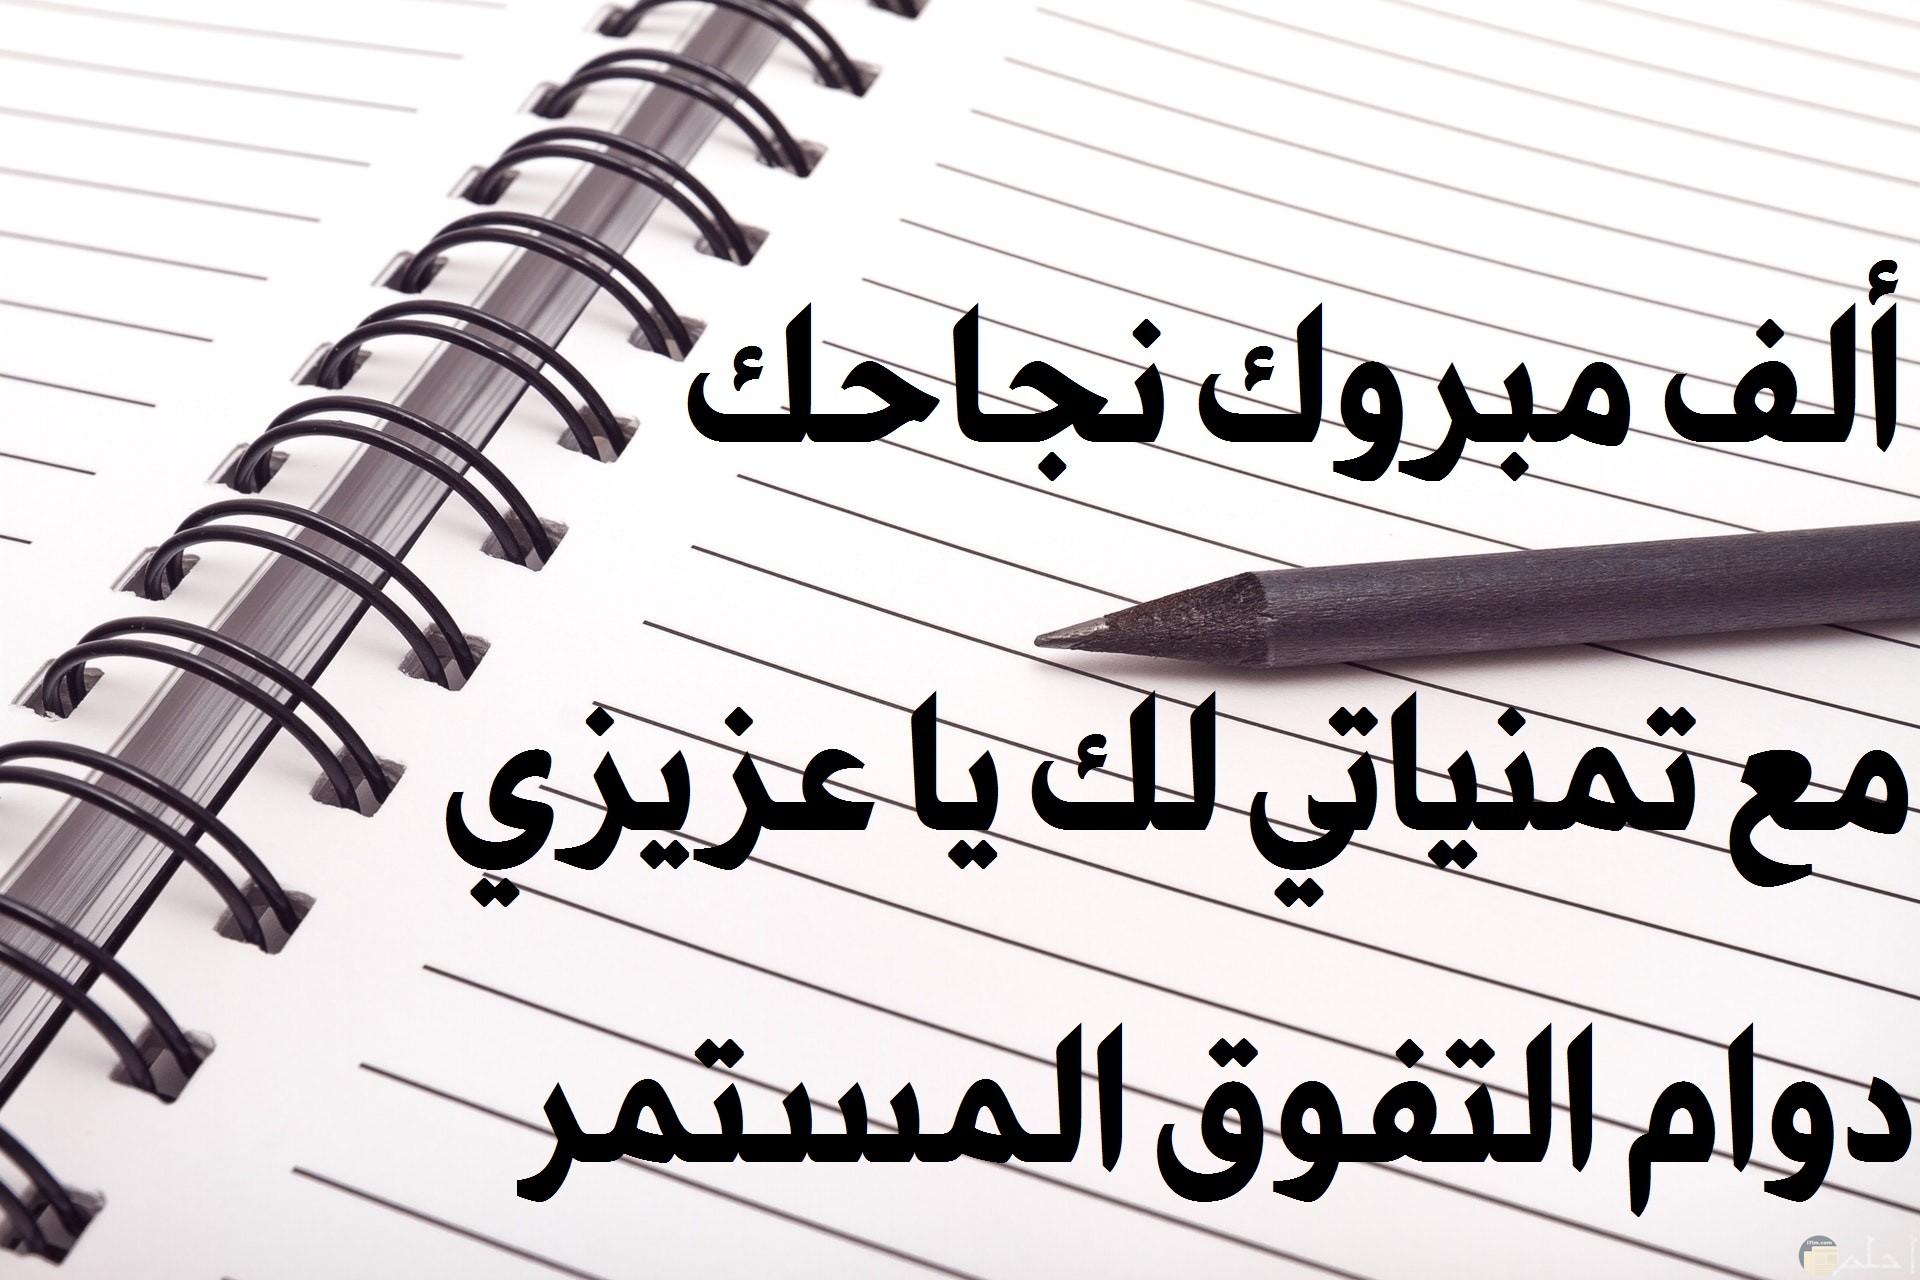 صورة تهنئة بمناسبة النجاح مكتوب عليها كلمات تهنئة علي دفتر مع قلم فوقه